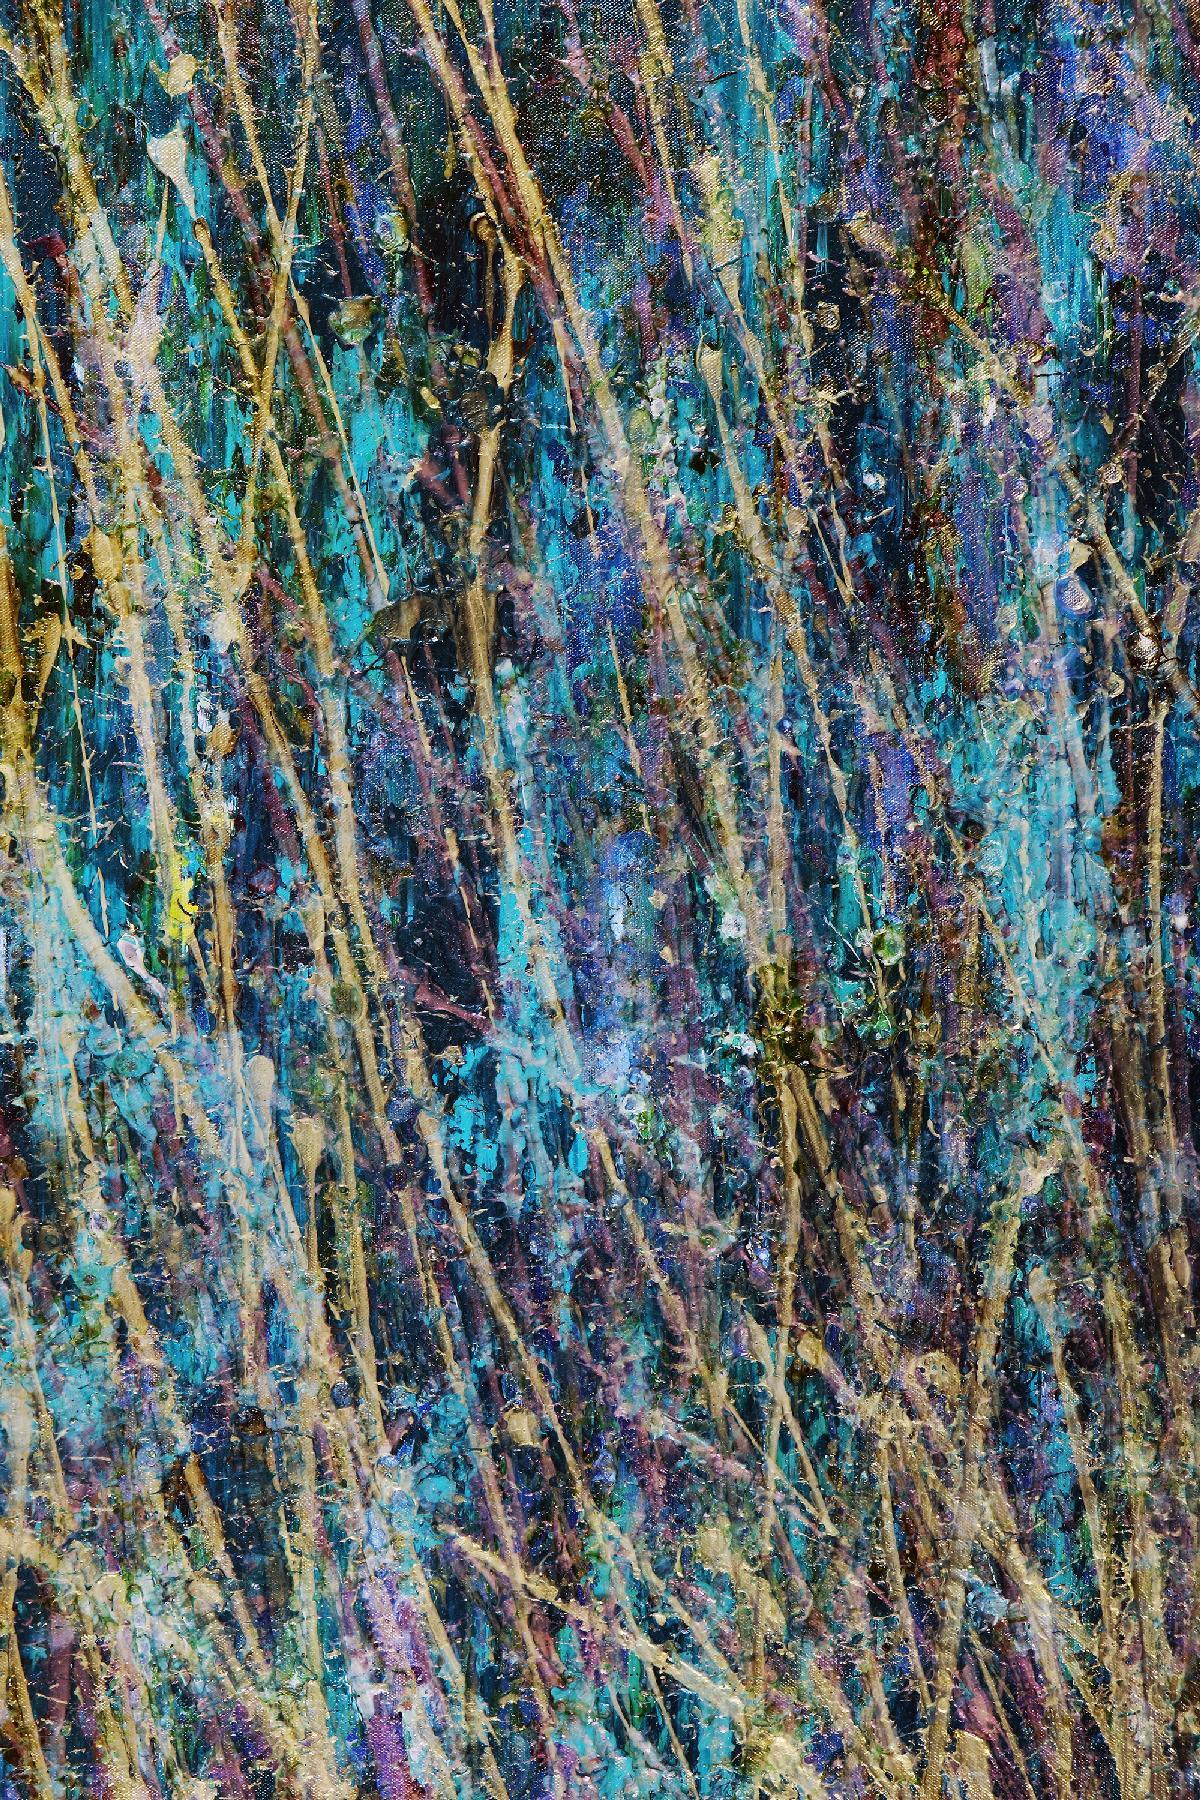 DETAIL - Aqua Garden (Blinding lights) (2020) - Statement Work!